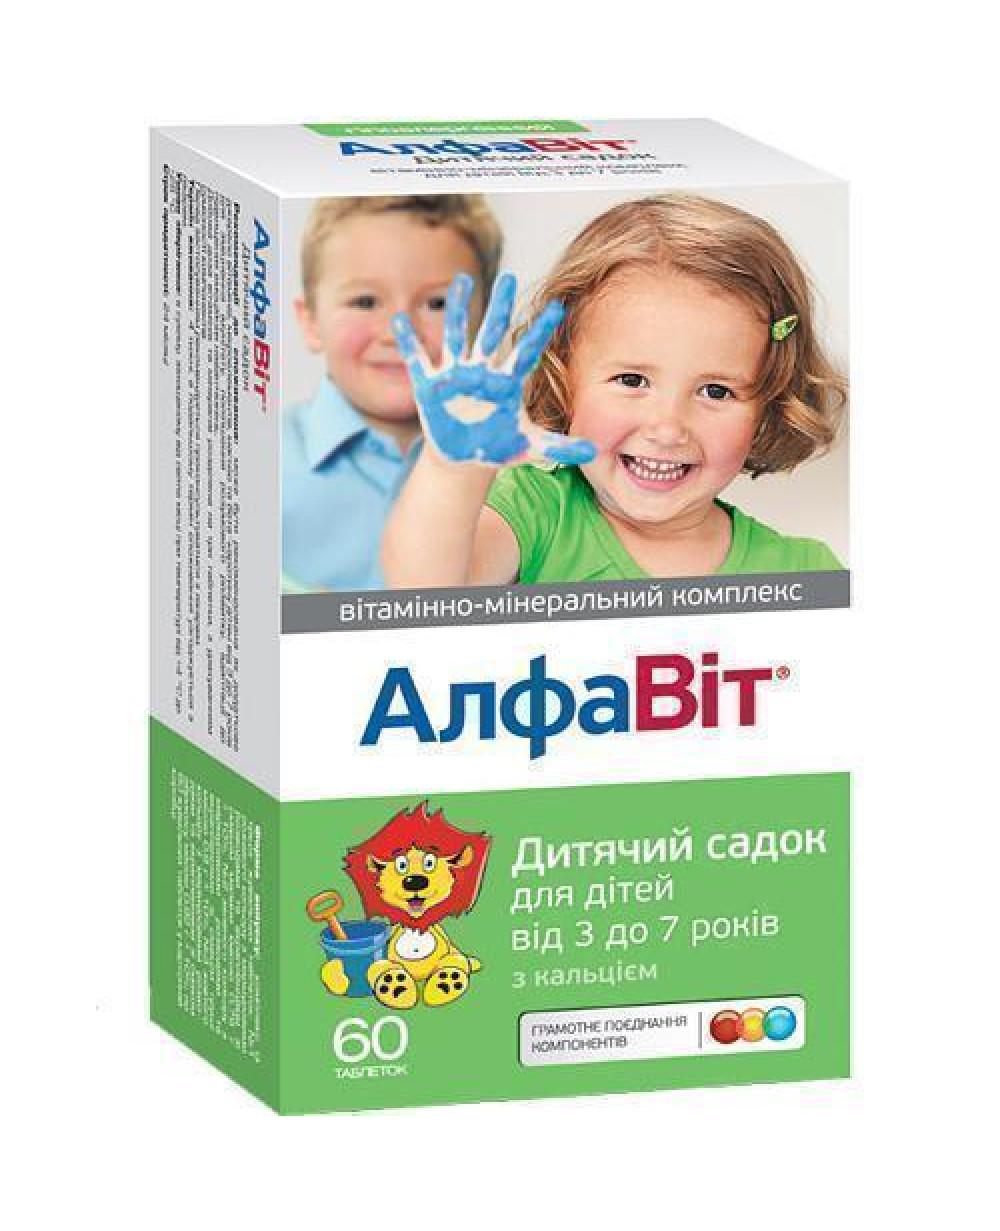 Покупаете минерально-витаминный комплекс Алфавит Детский сад для детй от 3 до 7 лет для поддержки иммунитета